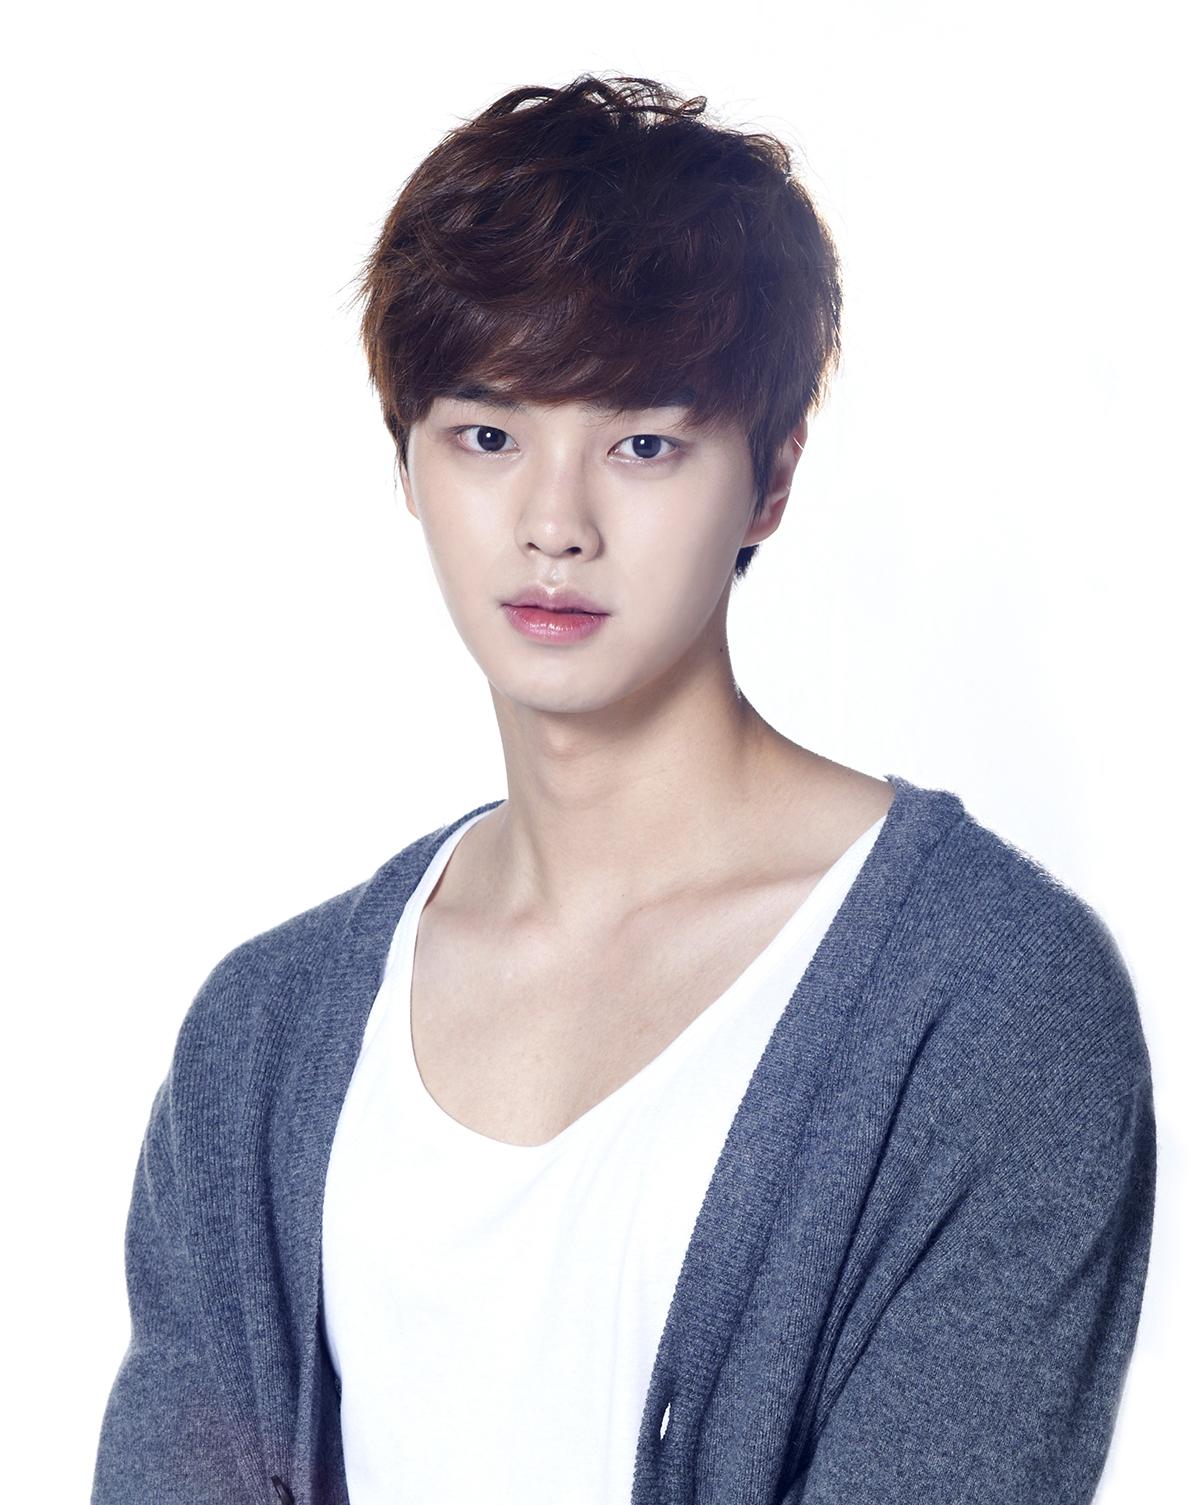 Kkaebsong Kaepjjang: Profil Pemain Drama Korea The Liar ...